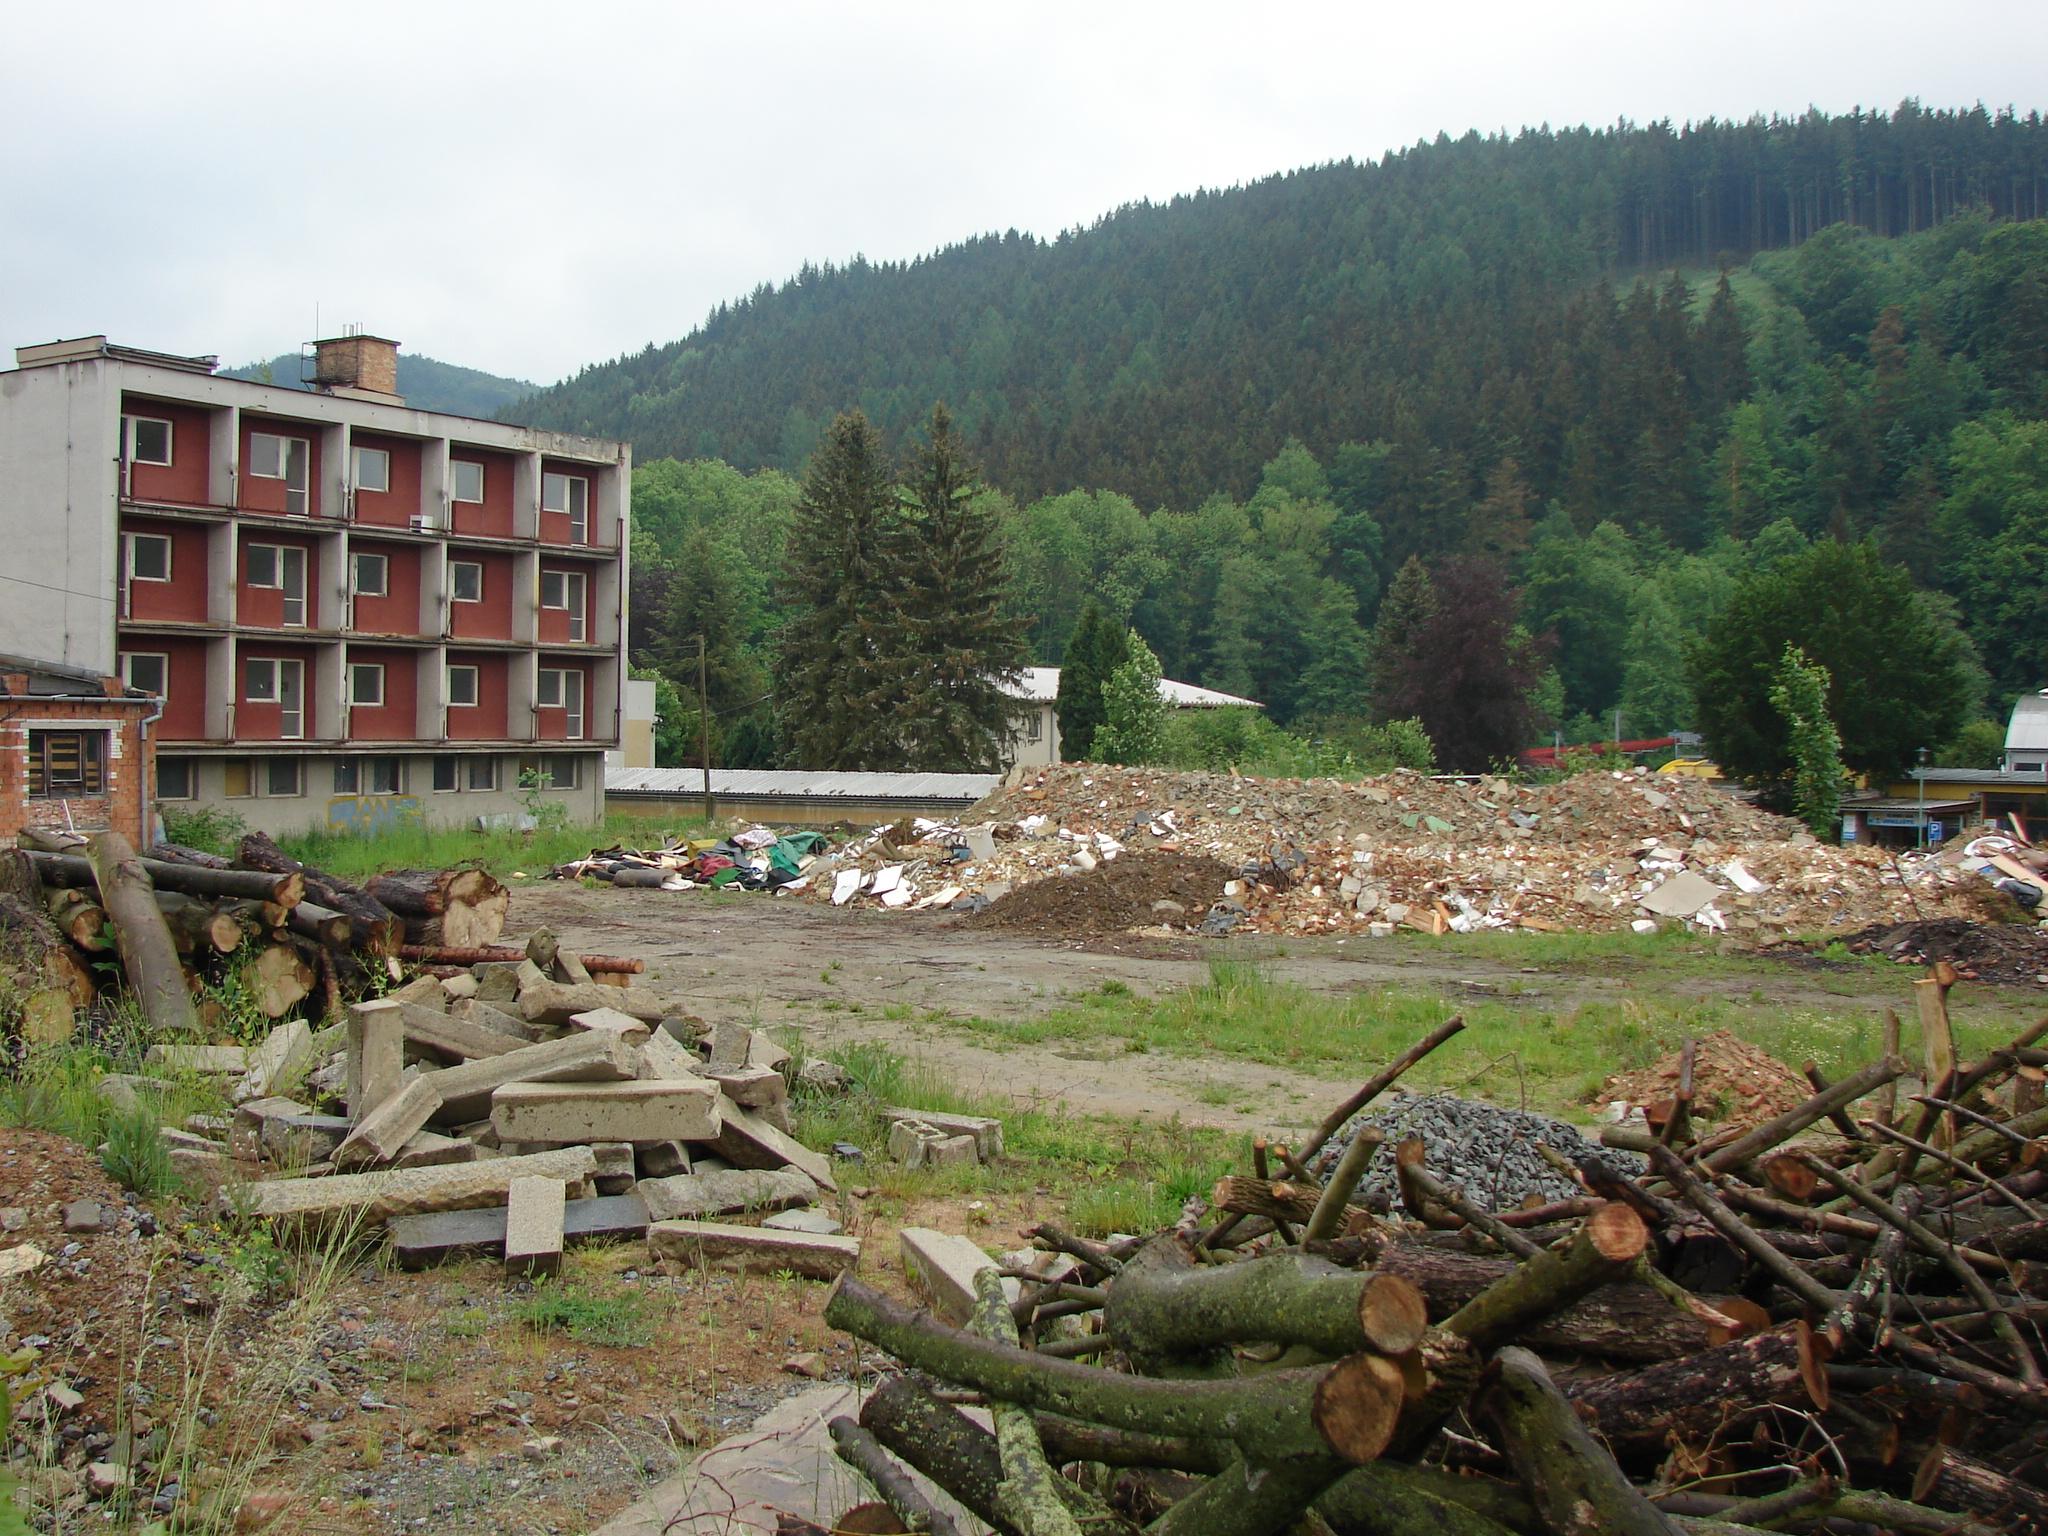 Hotel Velen na Červené zahradě čeká brzy demolice, aby uvolnil místo chystané sportovní hale